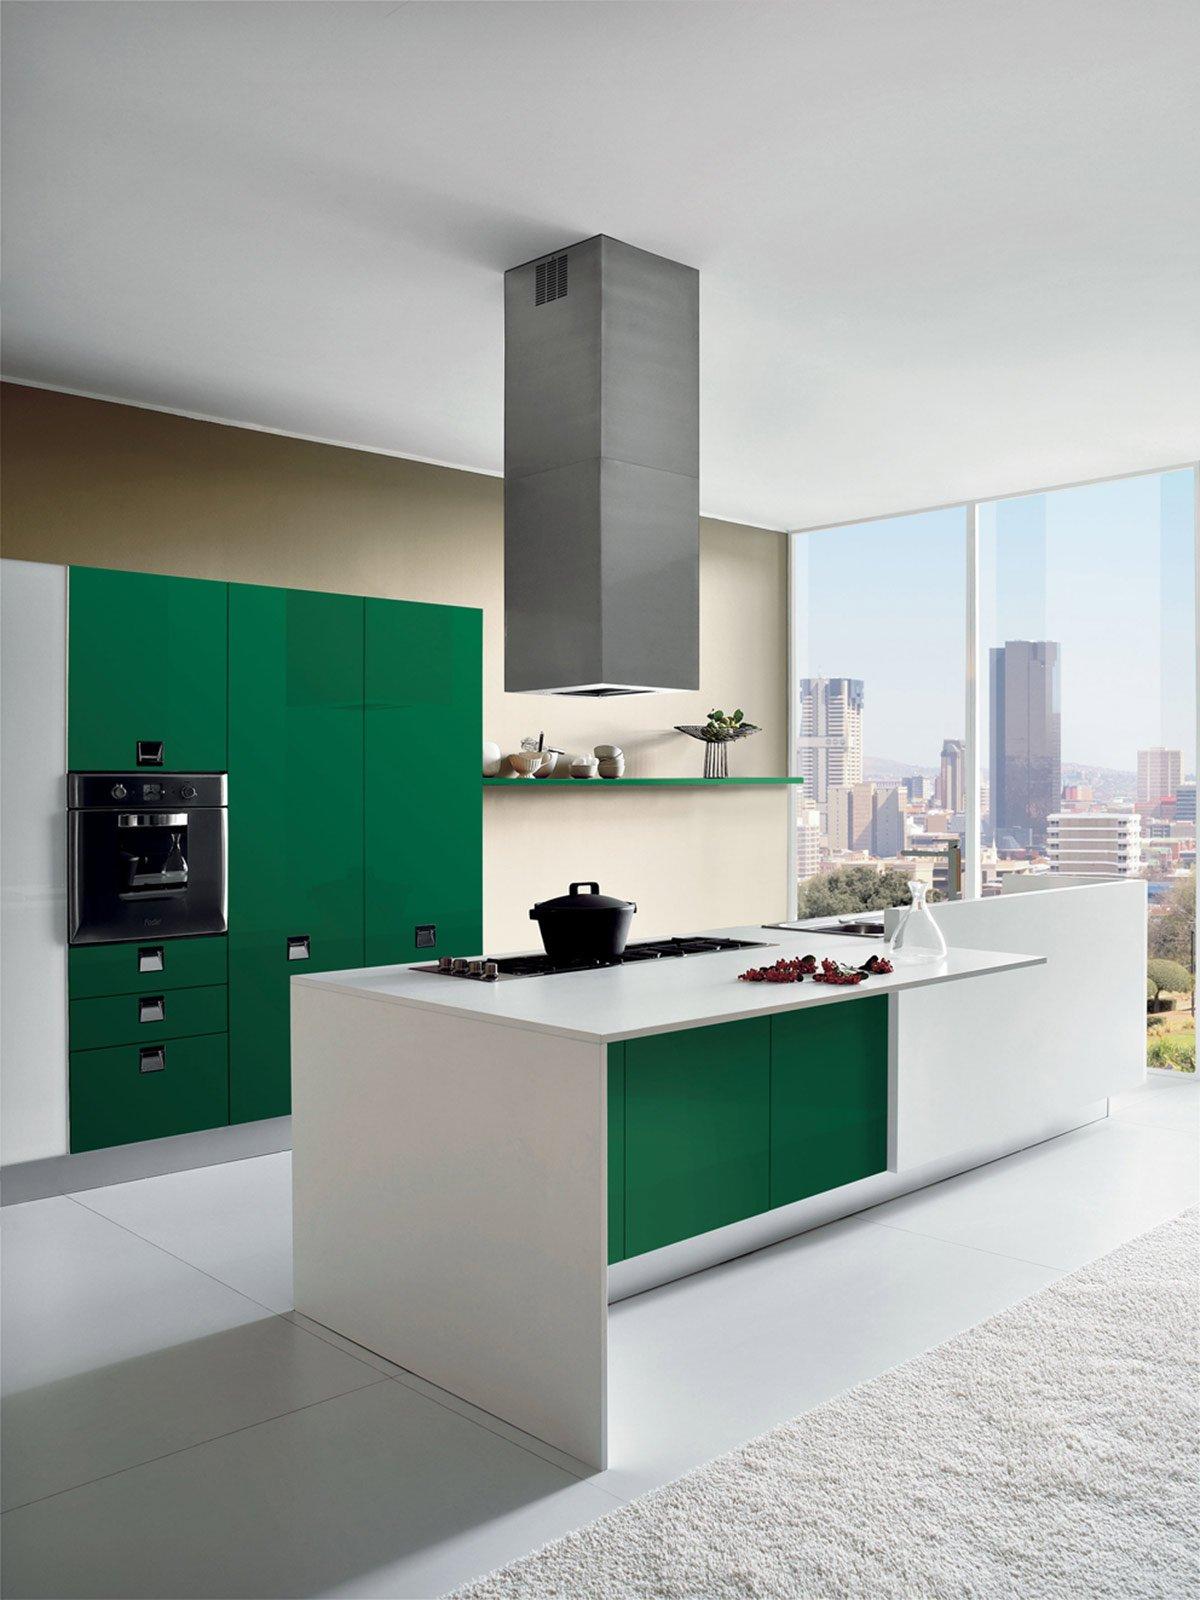 Cucine colori fluo per arredarla cose di casa for Aran cucine